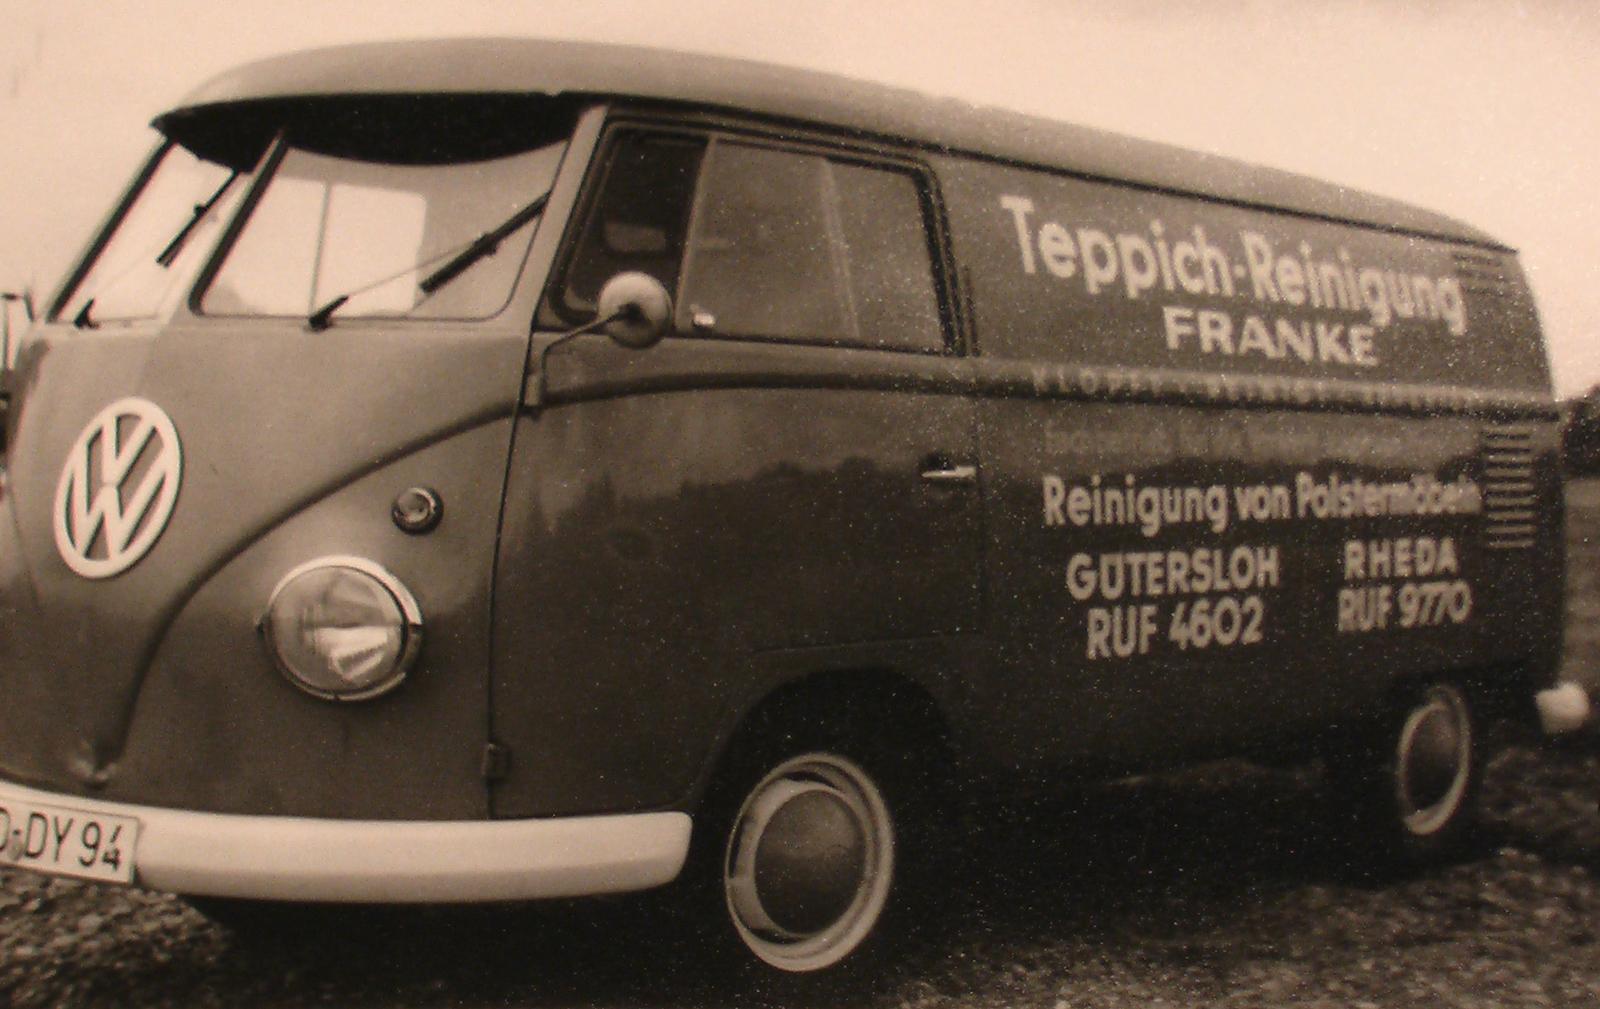 teppichreinigung-franke-historie-002